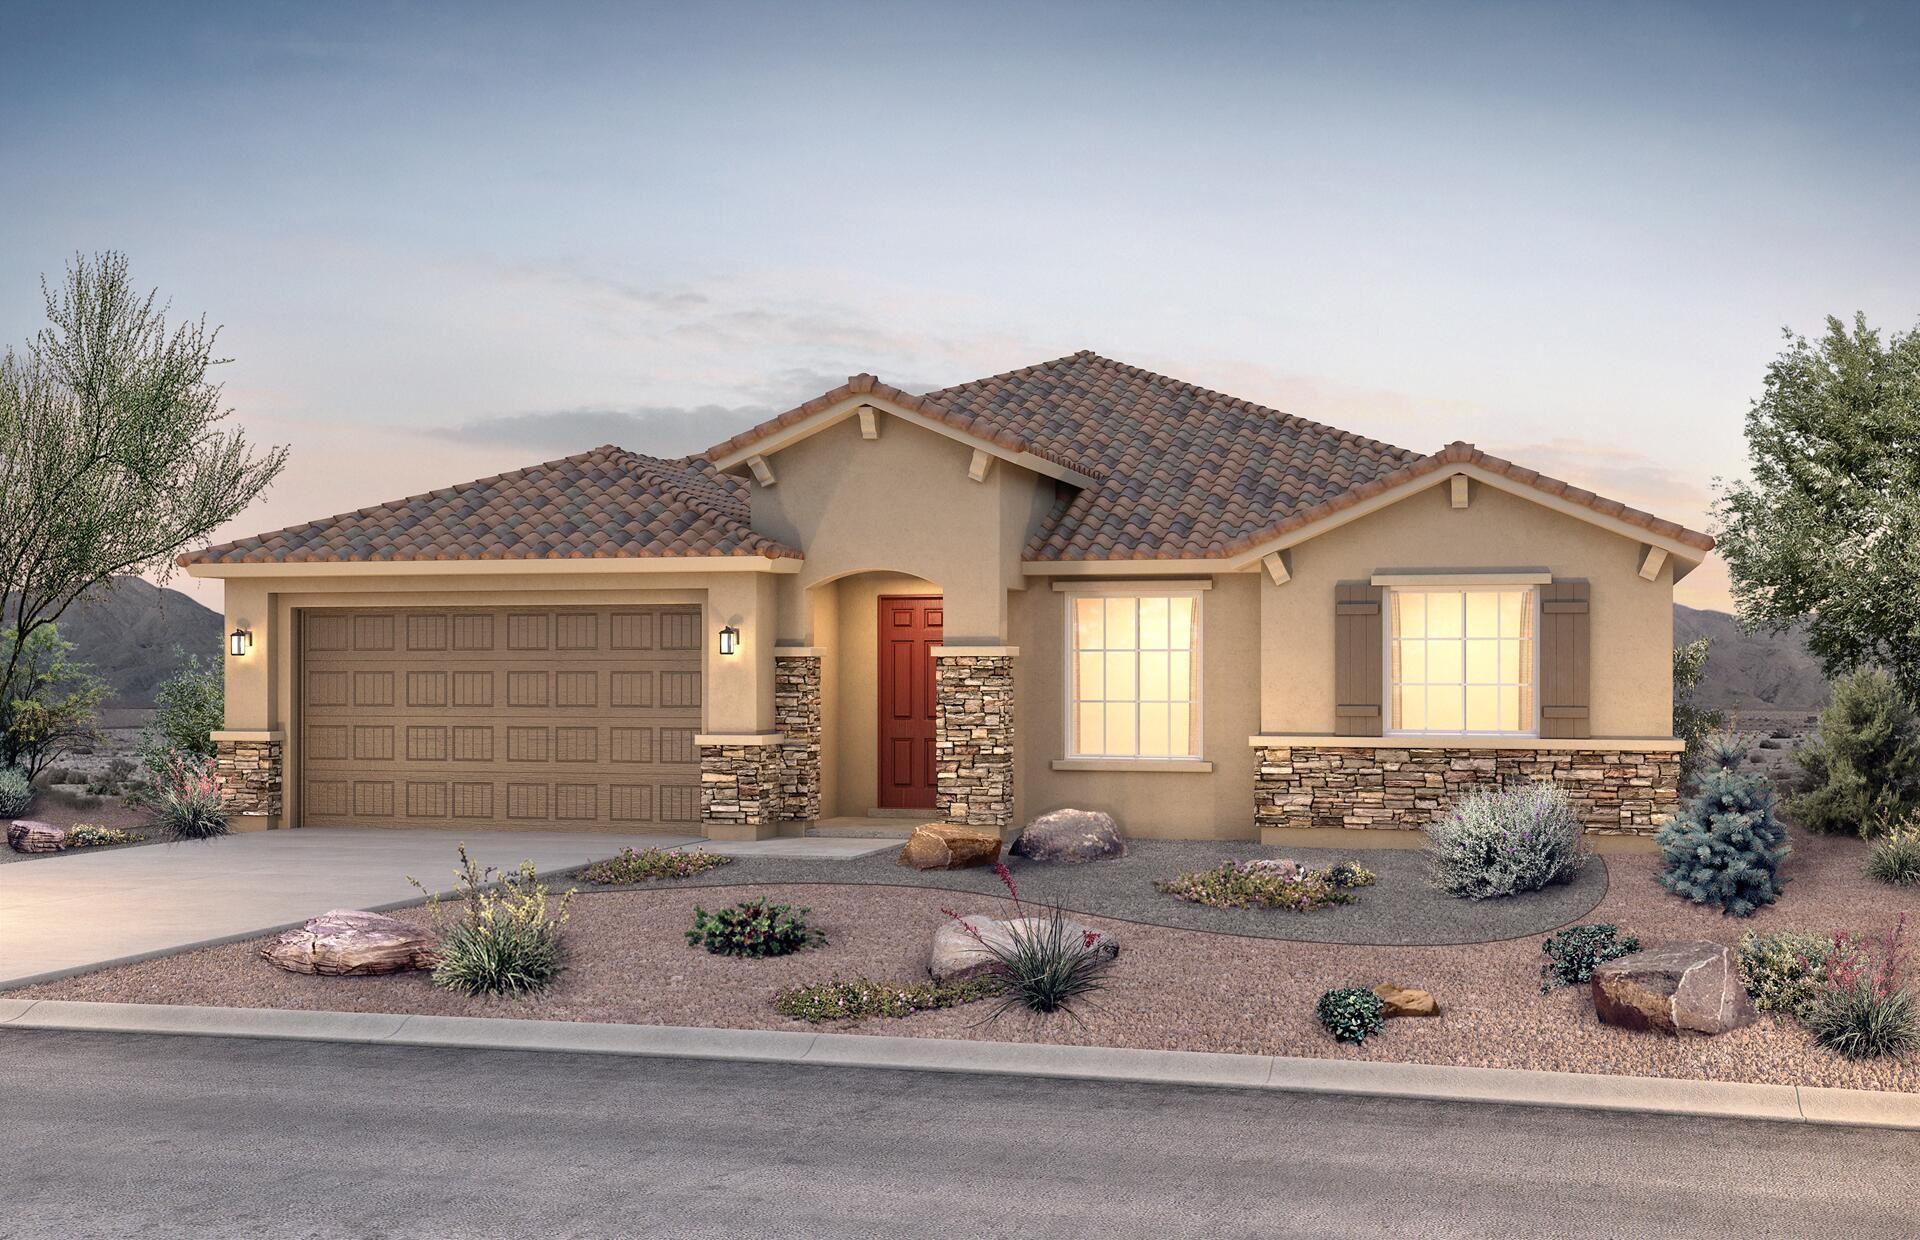 11432 Sandia Sunset Avenue SE, Albuquerque, NM 87123 - MLS#: 986015